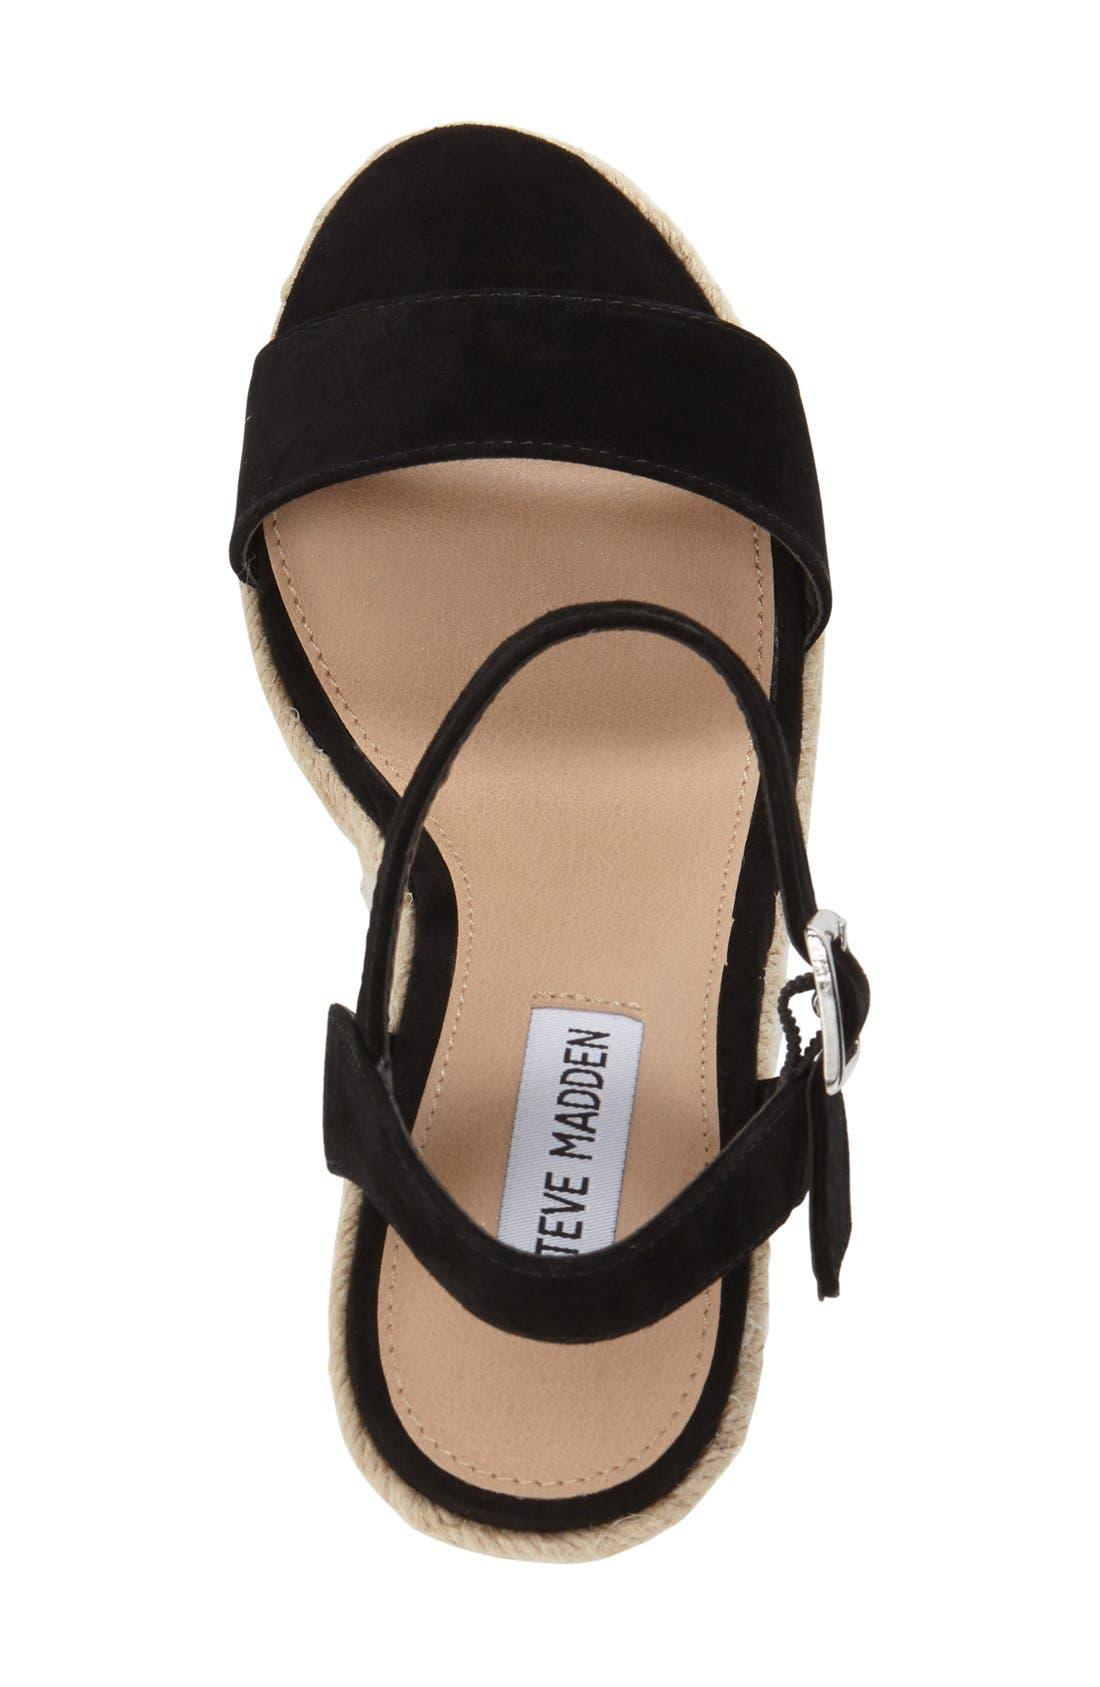 Alternate Image 3  - Steve Madden 'Alyssa' Espadrille Wedge Sandal (Women)